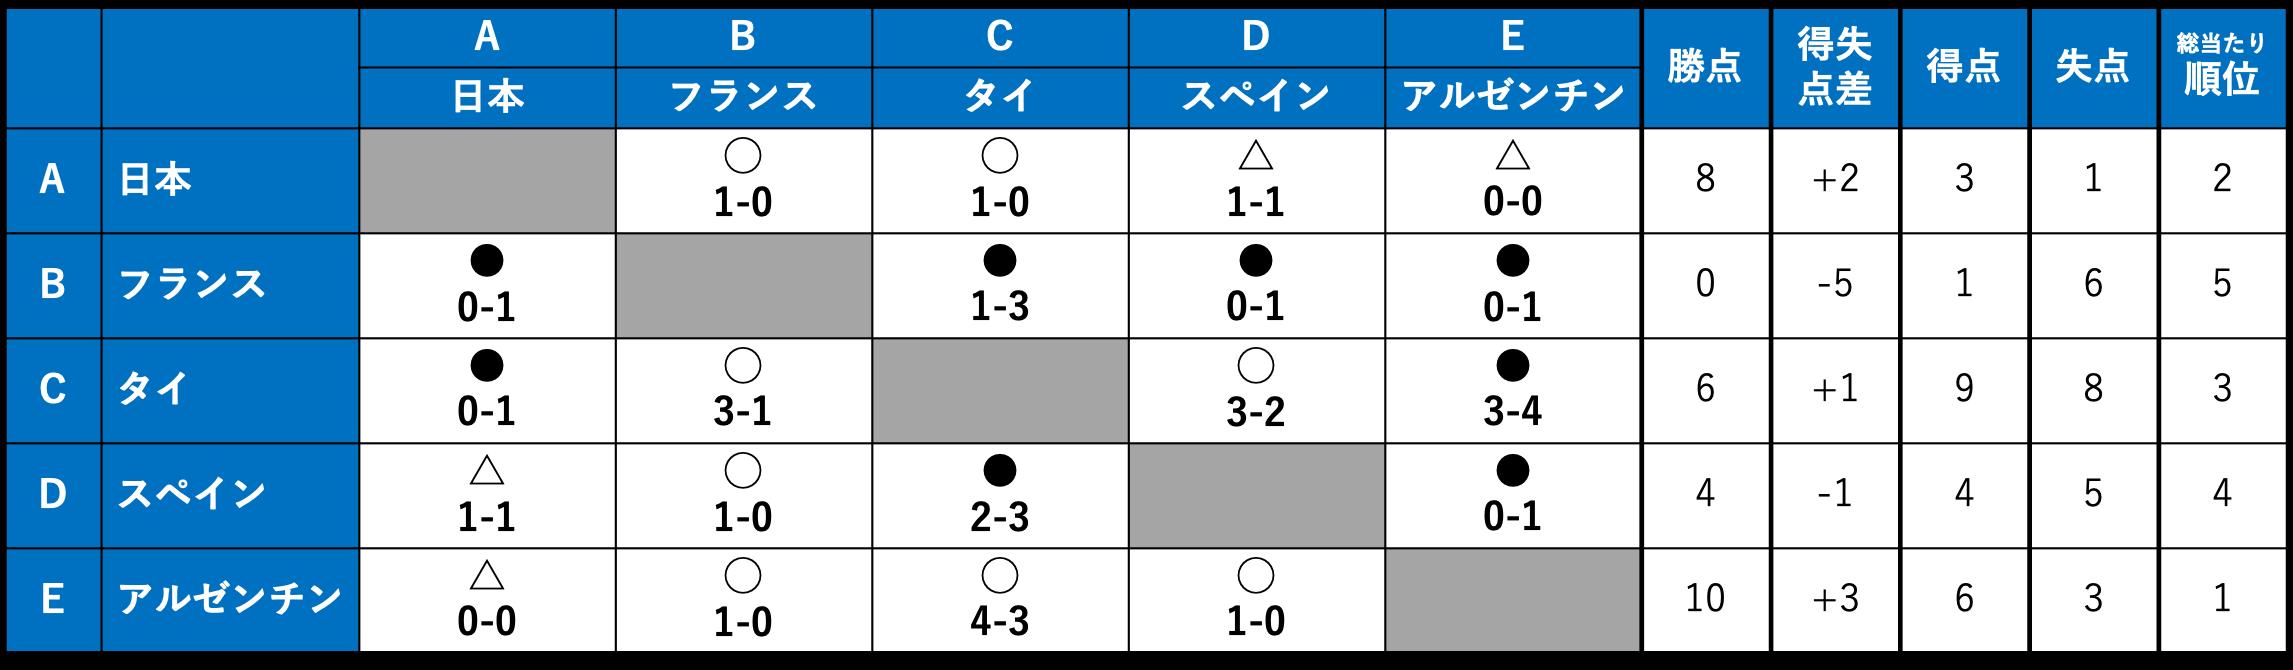 6月4日15:10時点の星取表/アルゼンチンがスペインに1-0で勝利し、1位通過